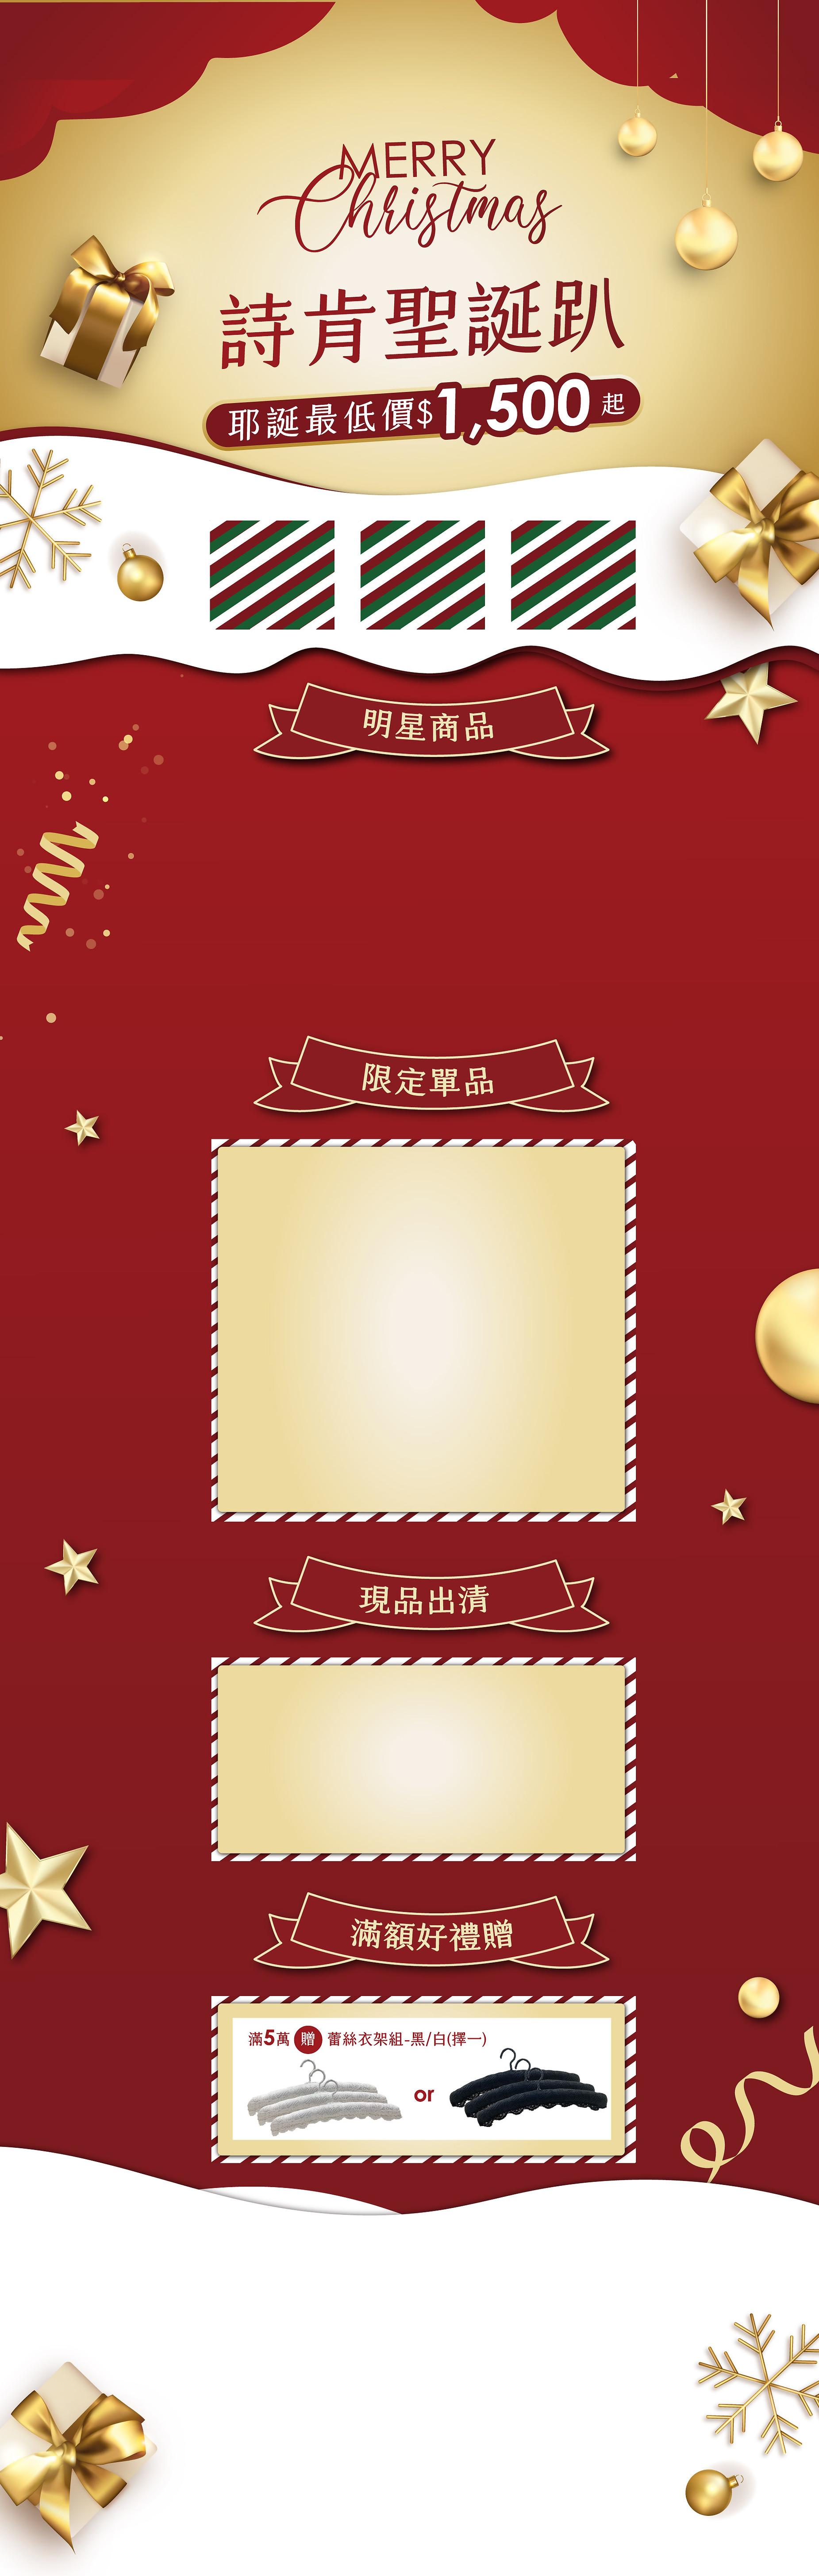 201215-耶誕季_scanteak.jpg